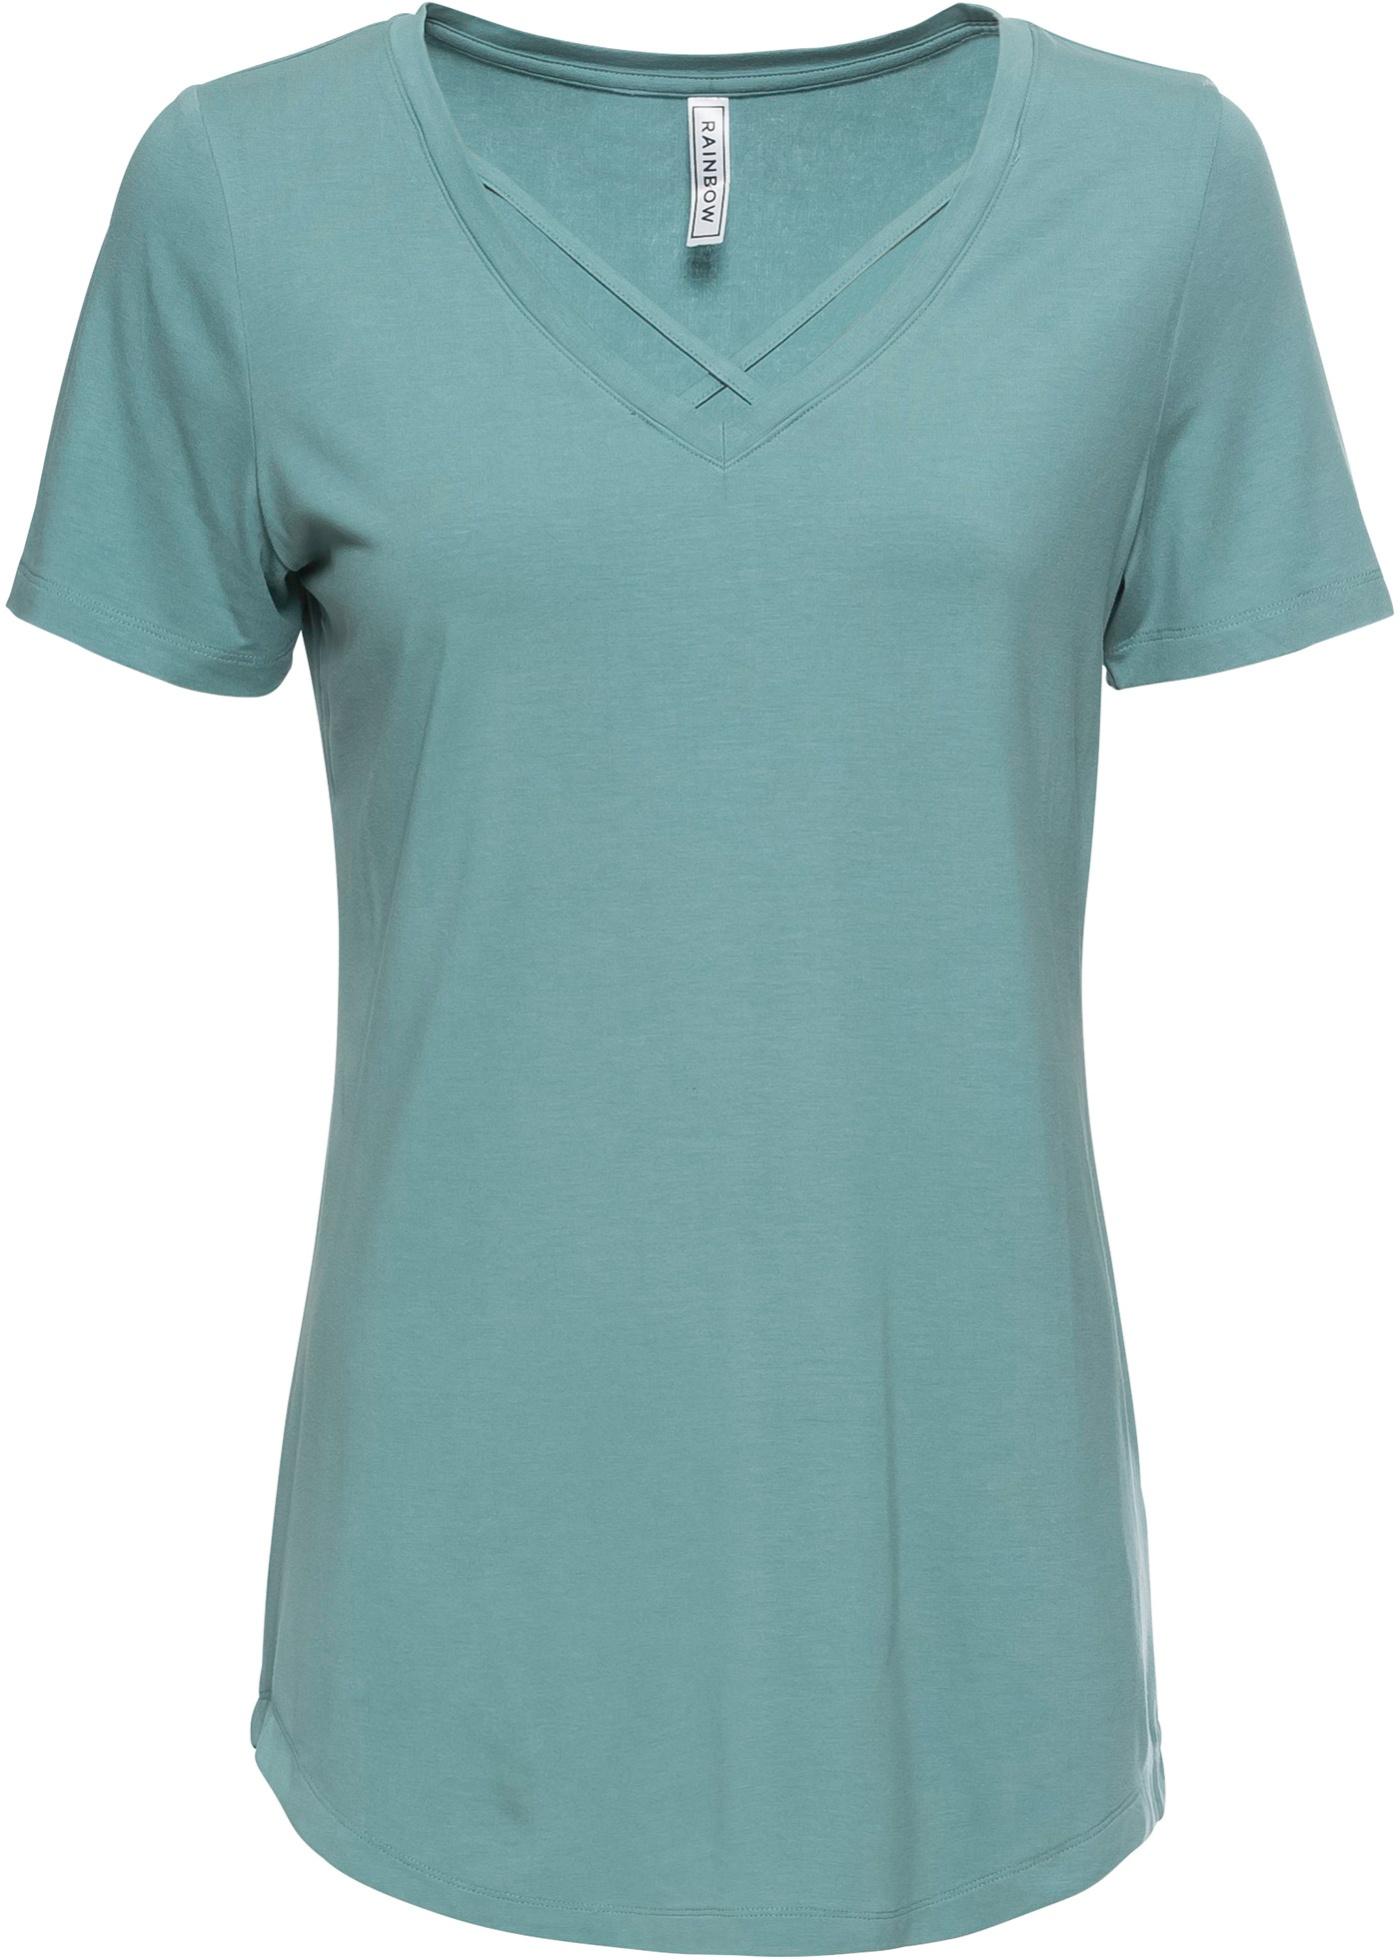 Femme Bleu Courtes Rainbow Manches shirts Pour BonprixT PvwOymnN80